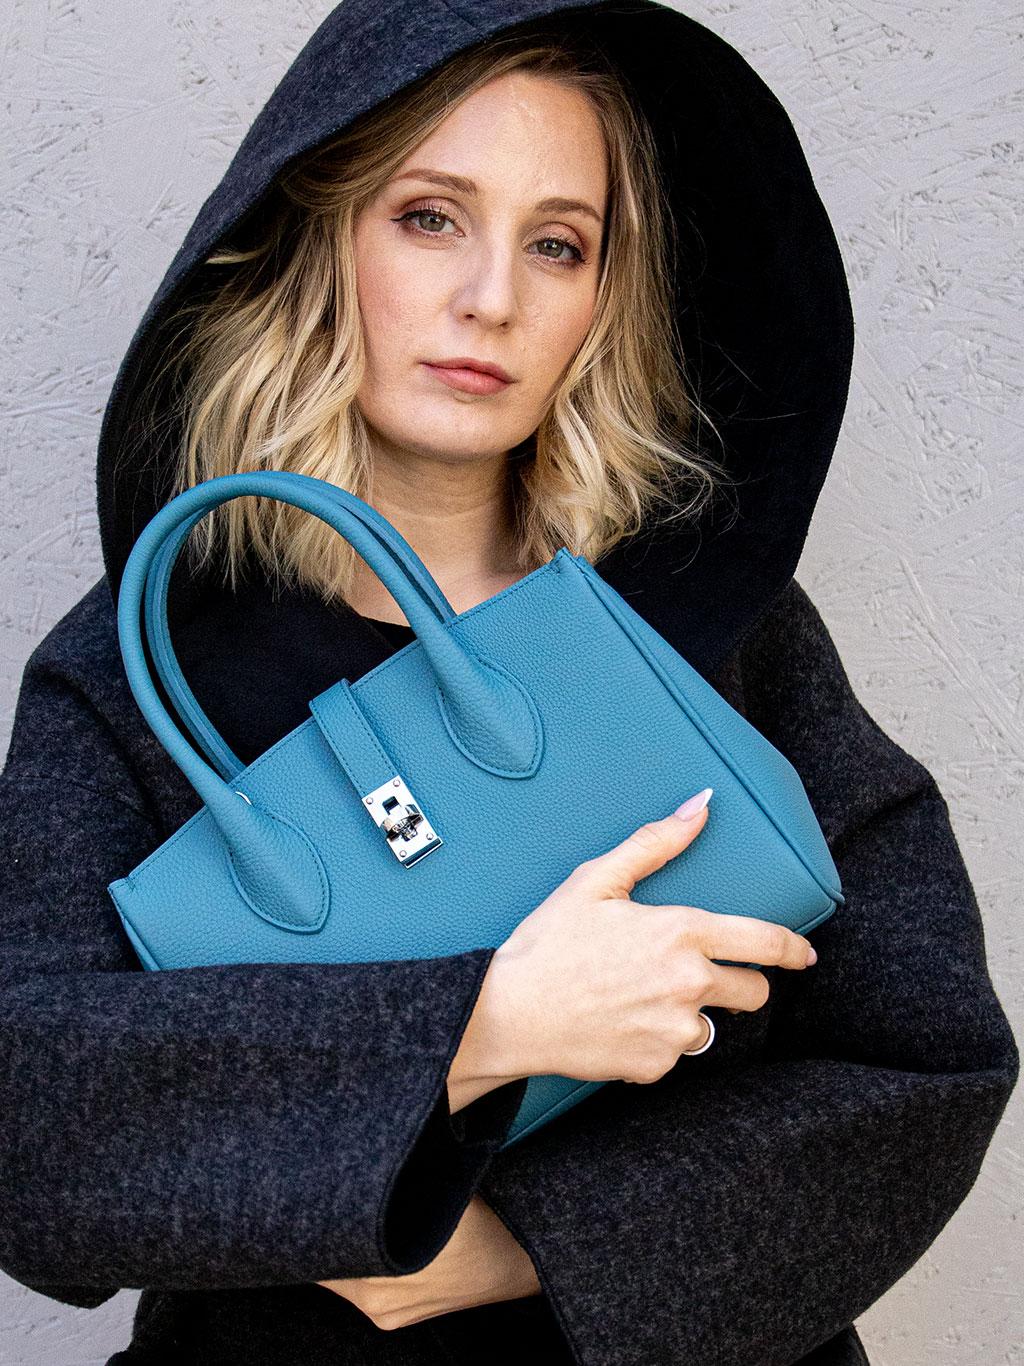 休日コーデから、きちっとしたフォーマルな場面でも上品に振る舞える便利で可愛くて愛おしい本革2WAYミニトートバッグ。